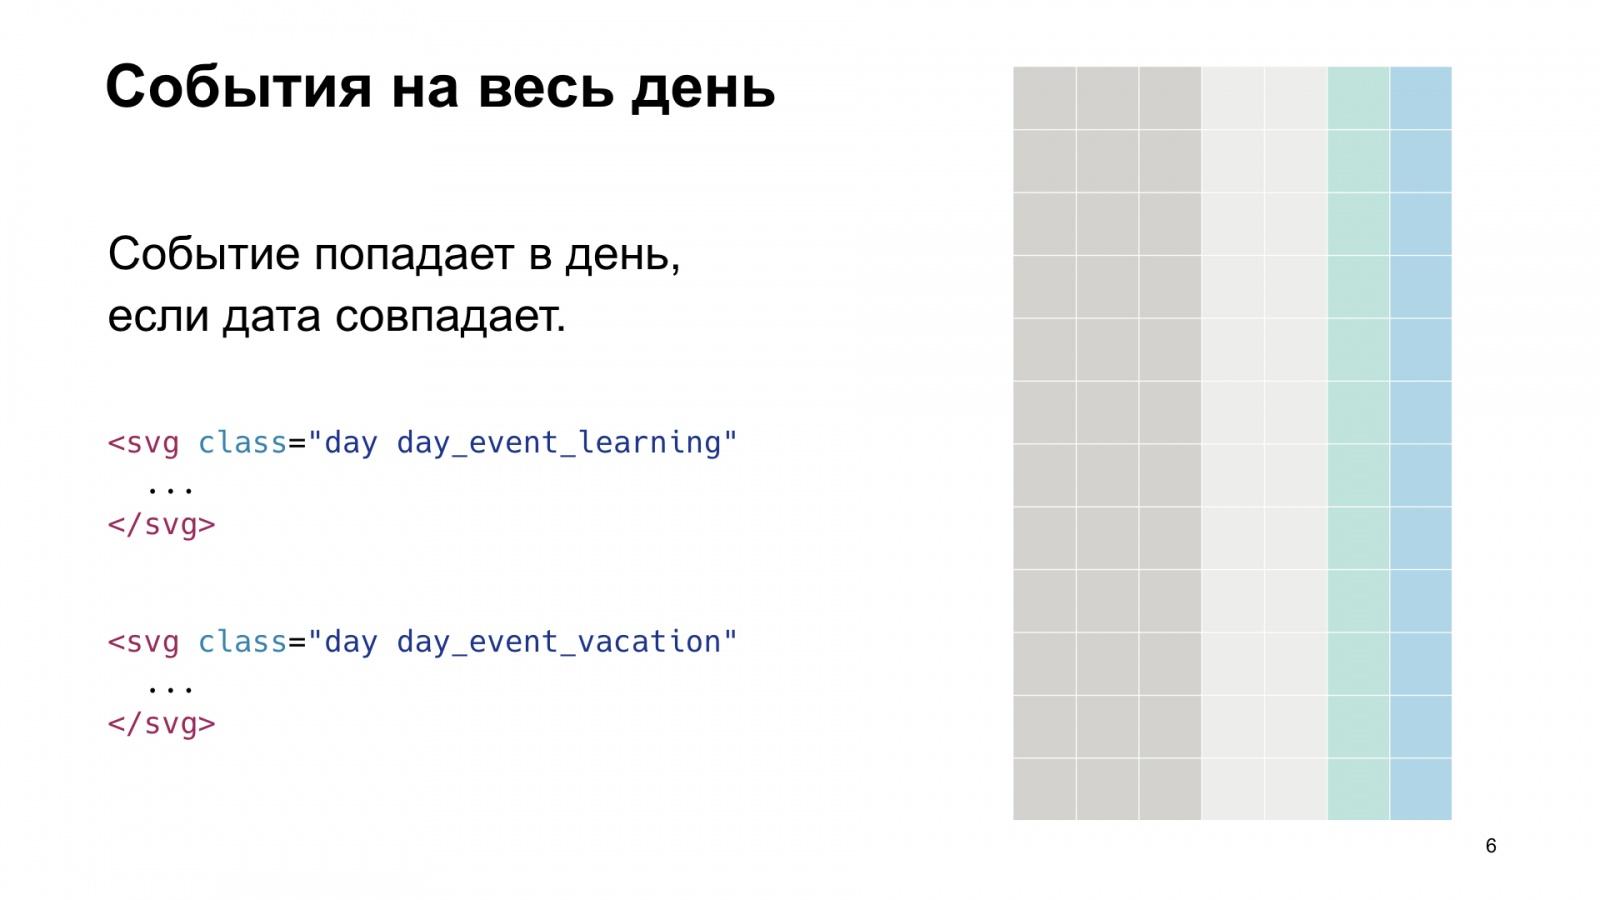 SVG в реальной жизни. Доклад Яндекса - 7